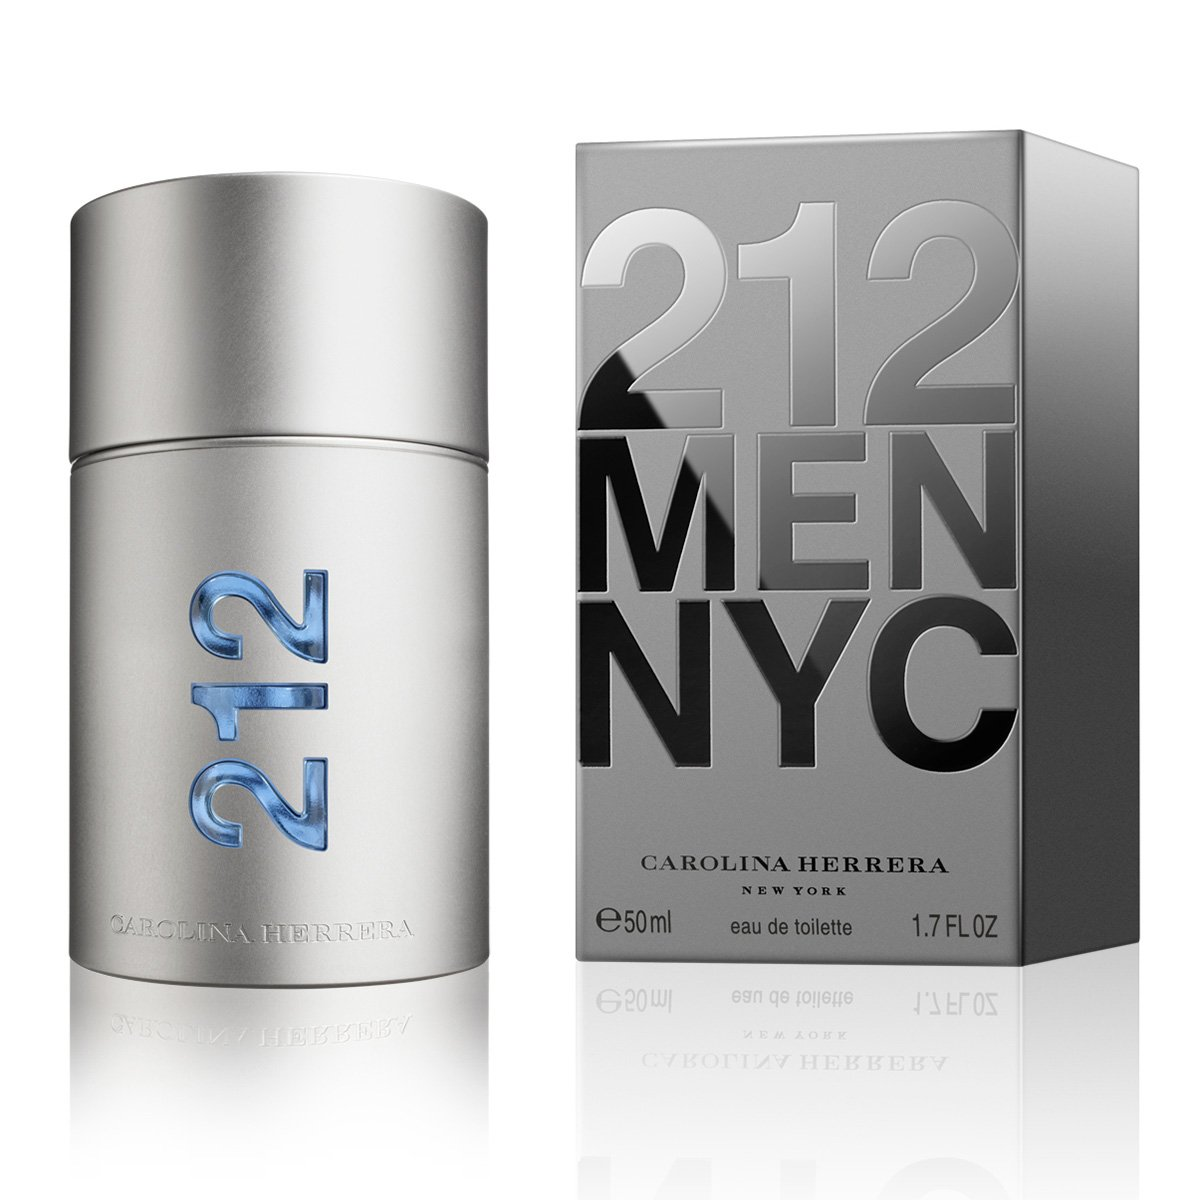 Perfume Masculino 212 Men NYC Carolina Herrera Eau de Toilette 50ml